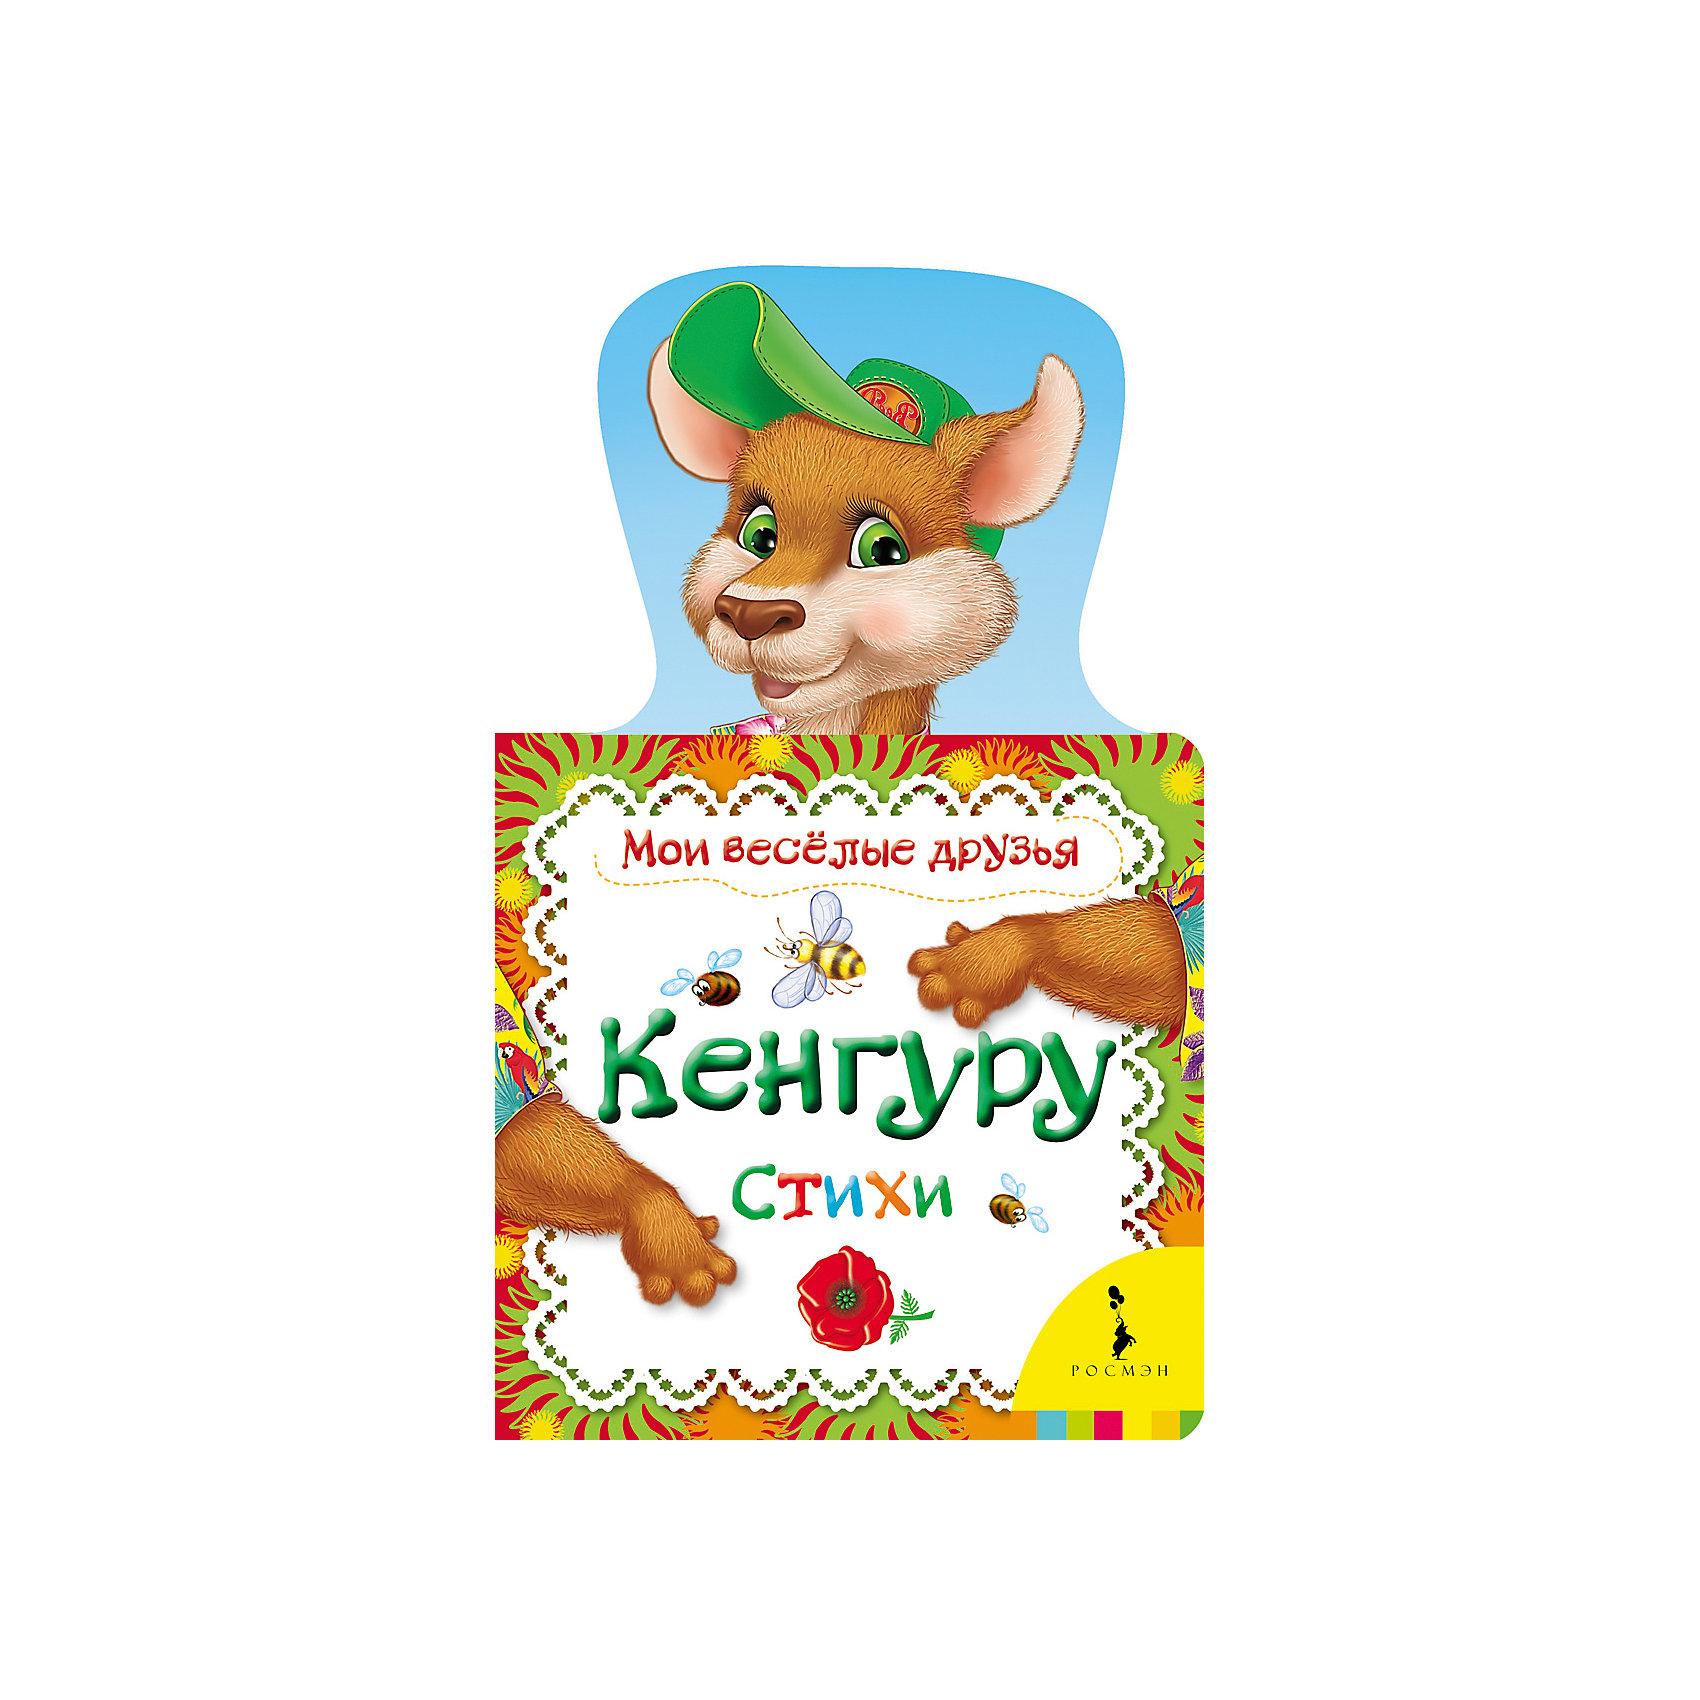 Росмэн Кенгуру, Мои веселые друзья росмэн книжка раскладушка колыбельные веселые гармошки